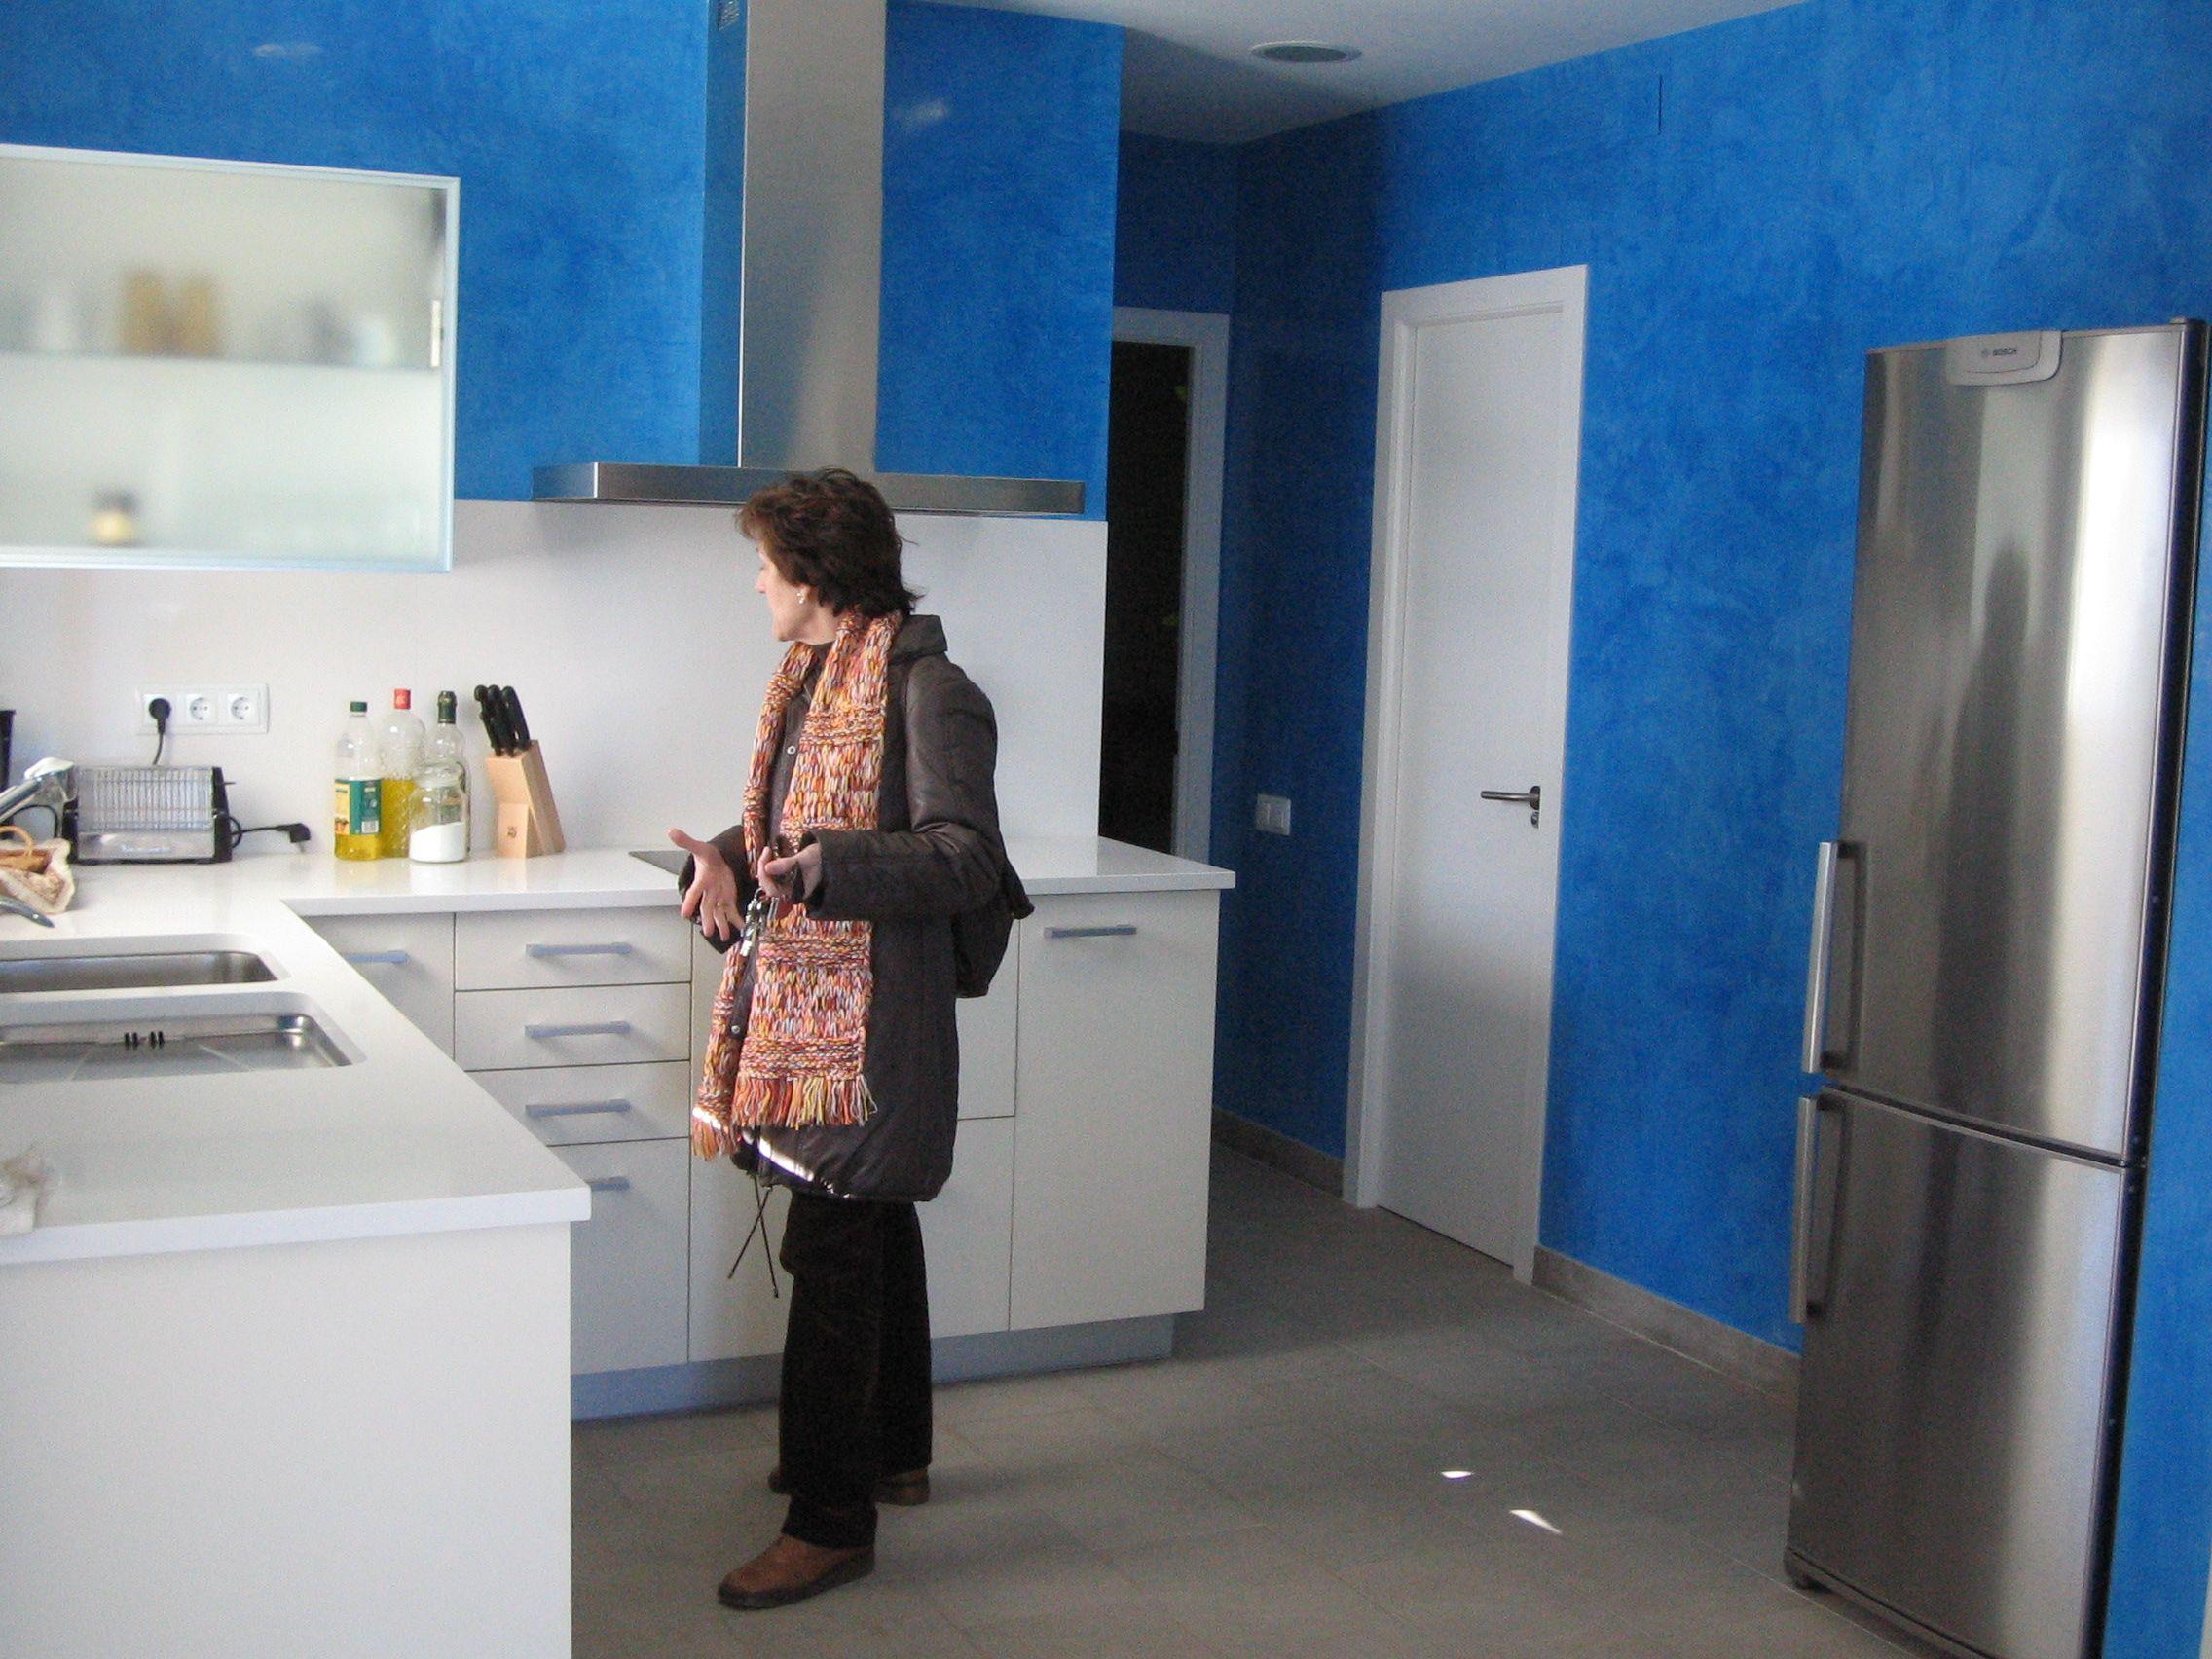 Ideas de #Cocina, estilo #Contemporaneo color  #Azul,  #Blanco,  #Gris, diseñado por Carlos Torralva-ARQUITECTURA DE INTERIORES  #CajonDeIdeas